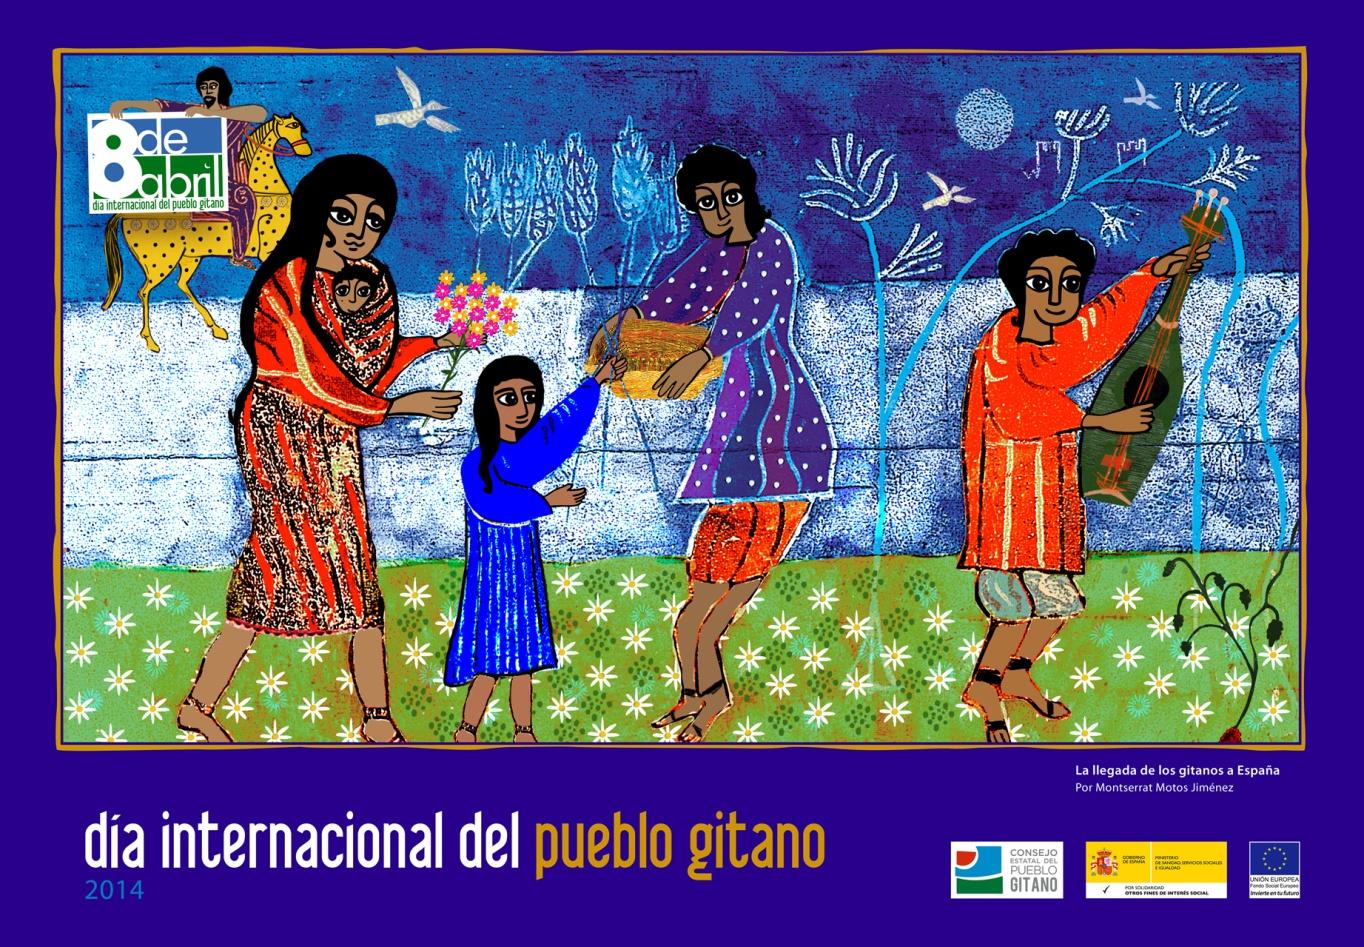 dia-internacional-del-pueblo-gitano